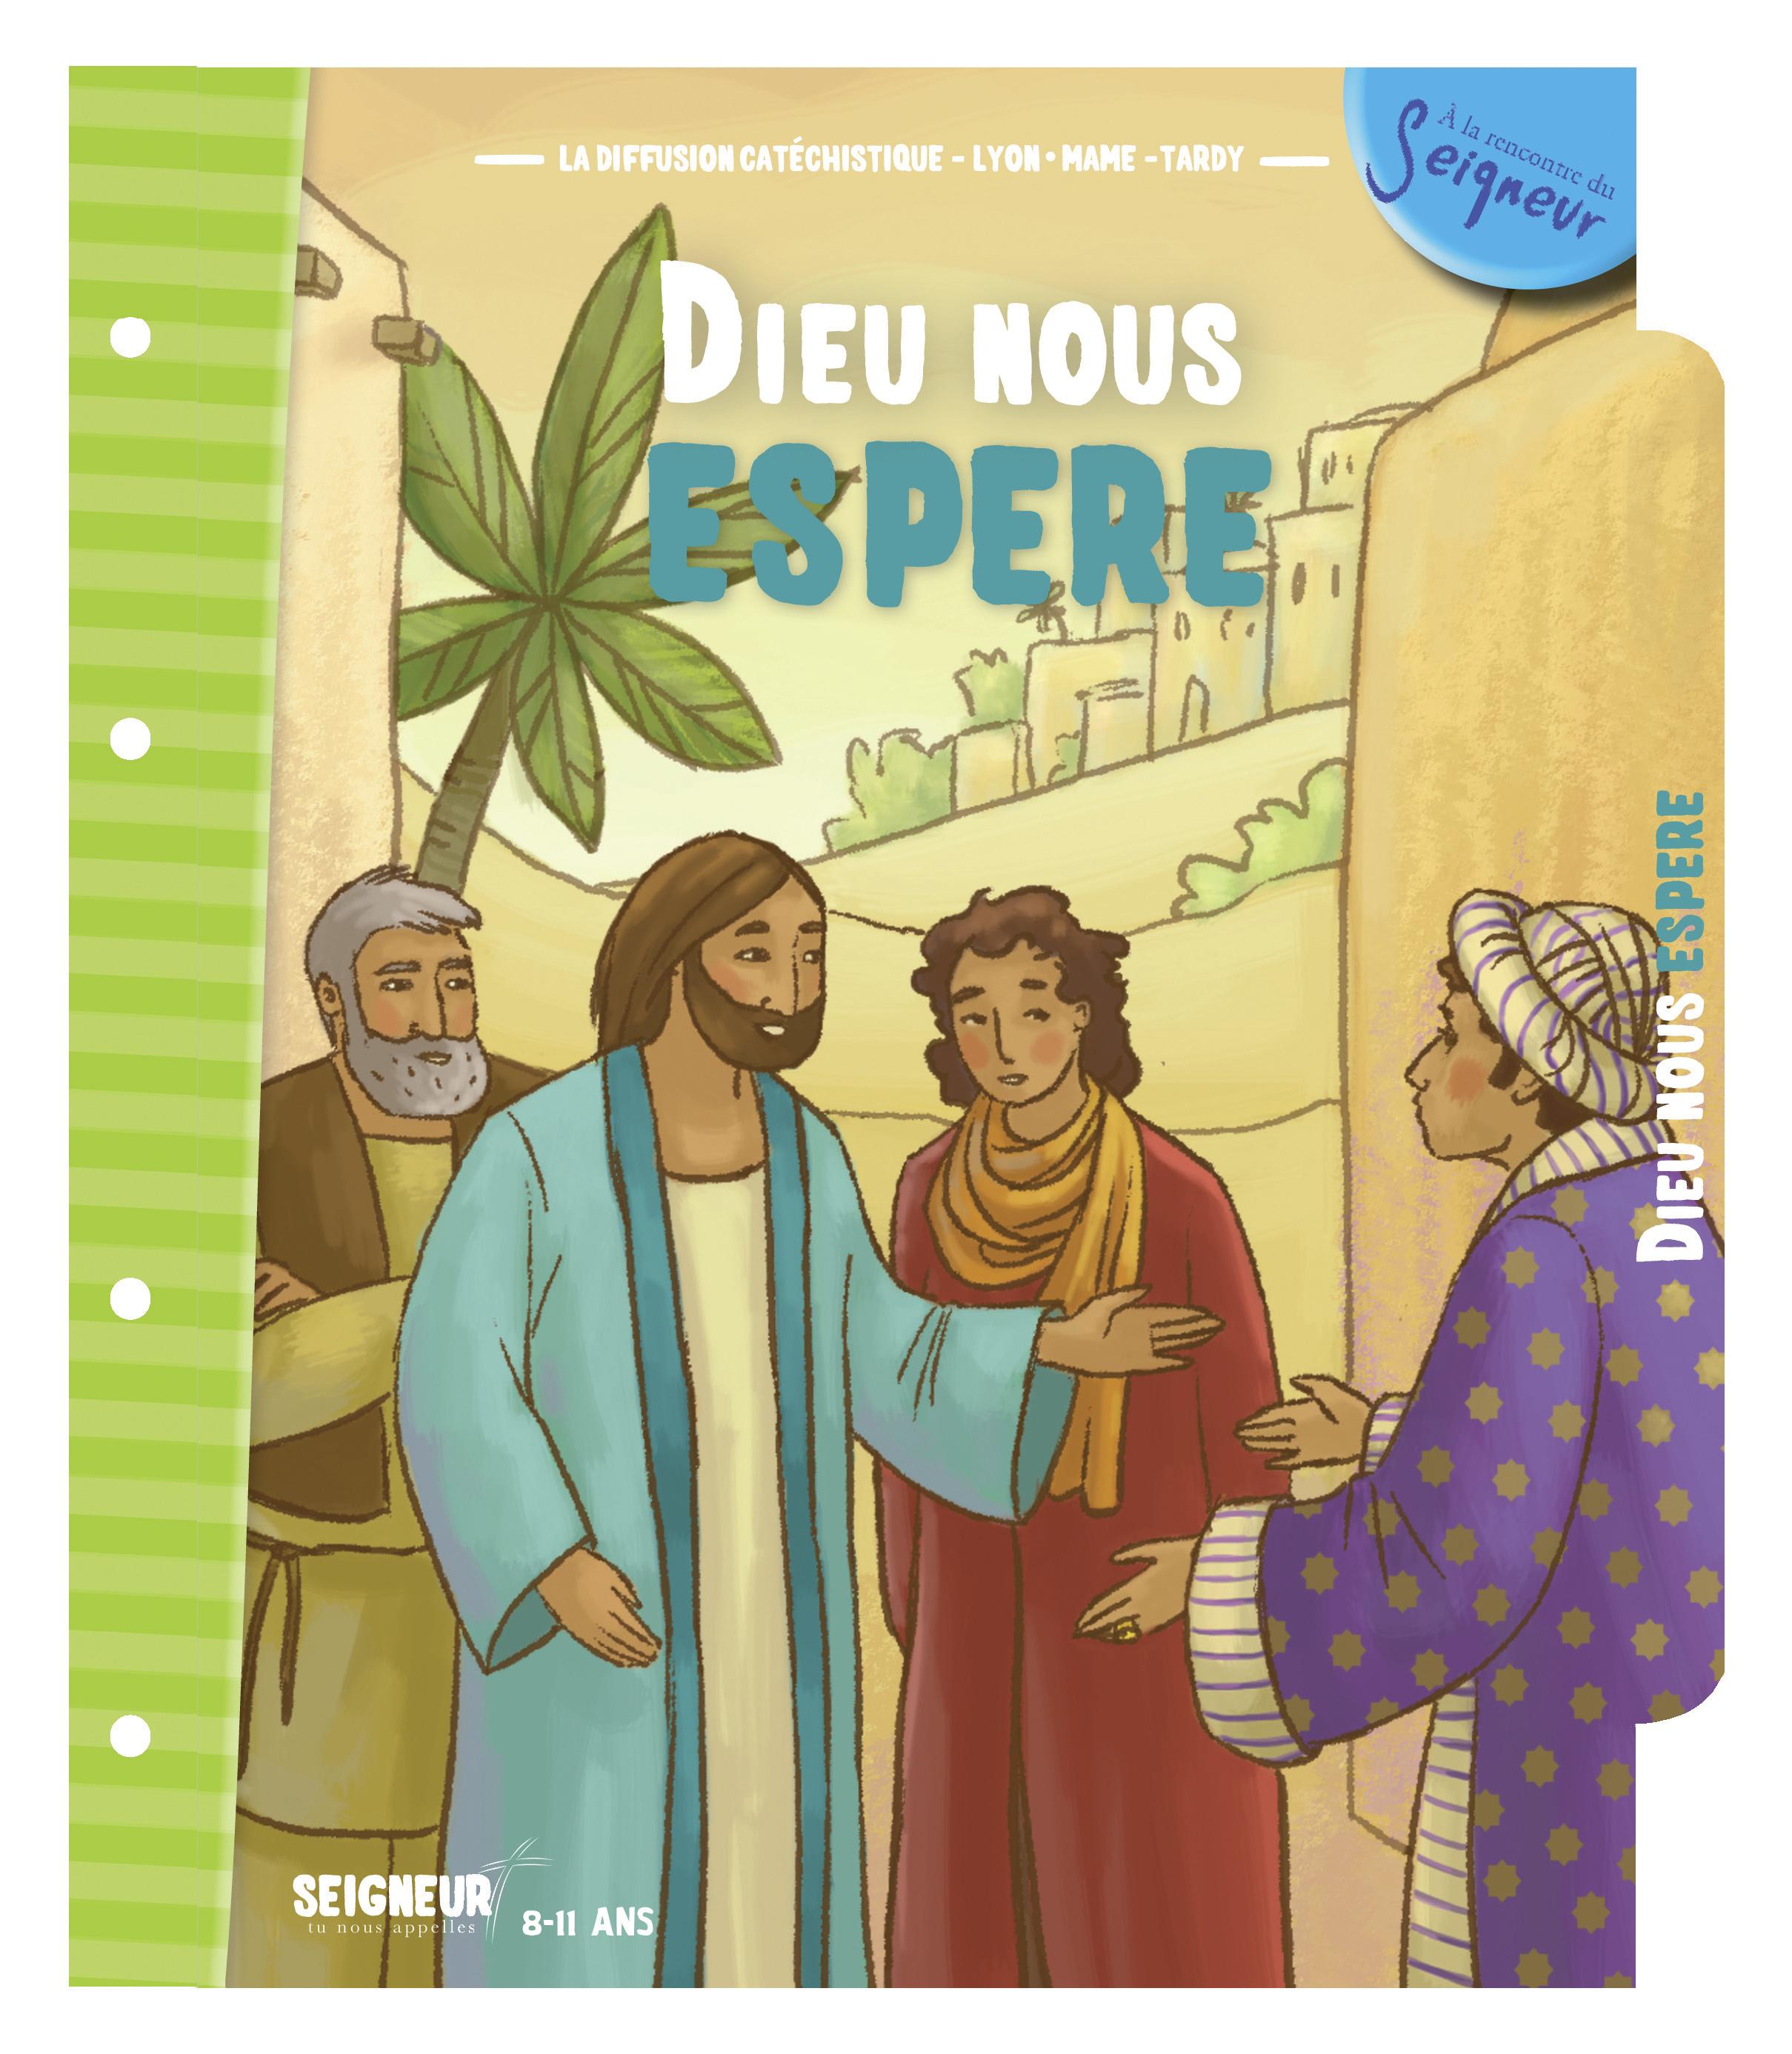 8-11 ANS - MODULE 10 - DIEU NOUS ESPERE